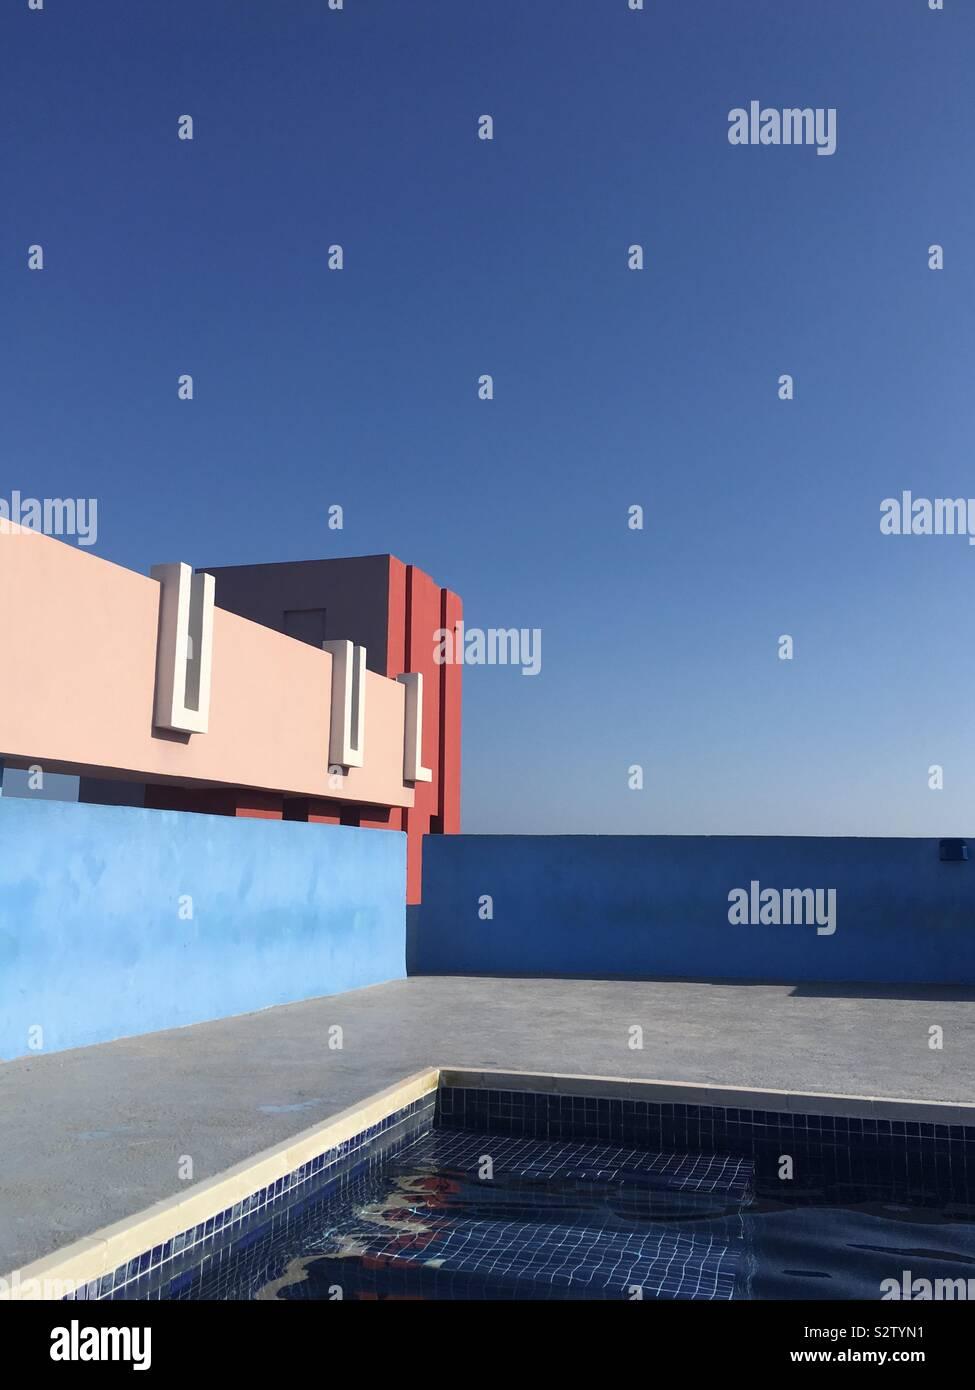 Bâtiments colorés avec une piscine sur le toit. Banque D'Images